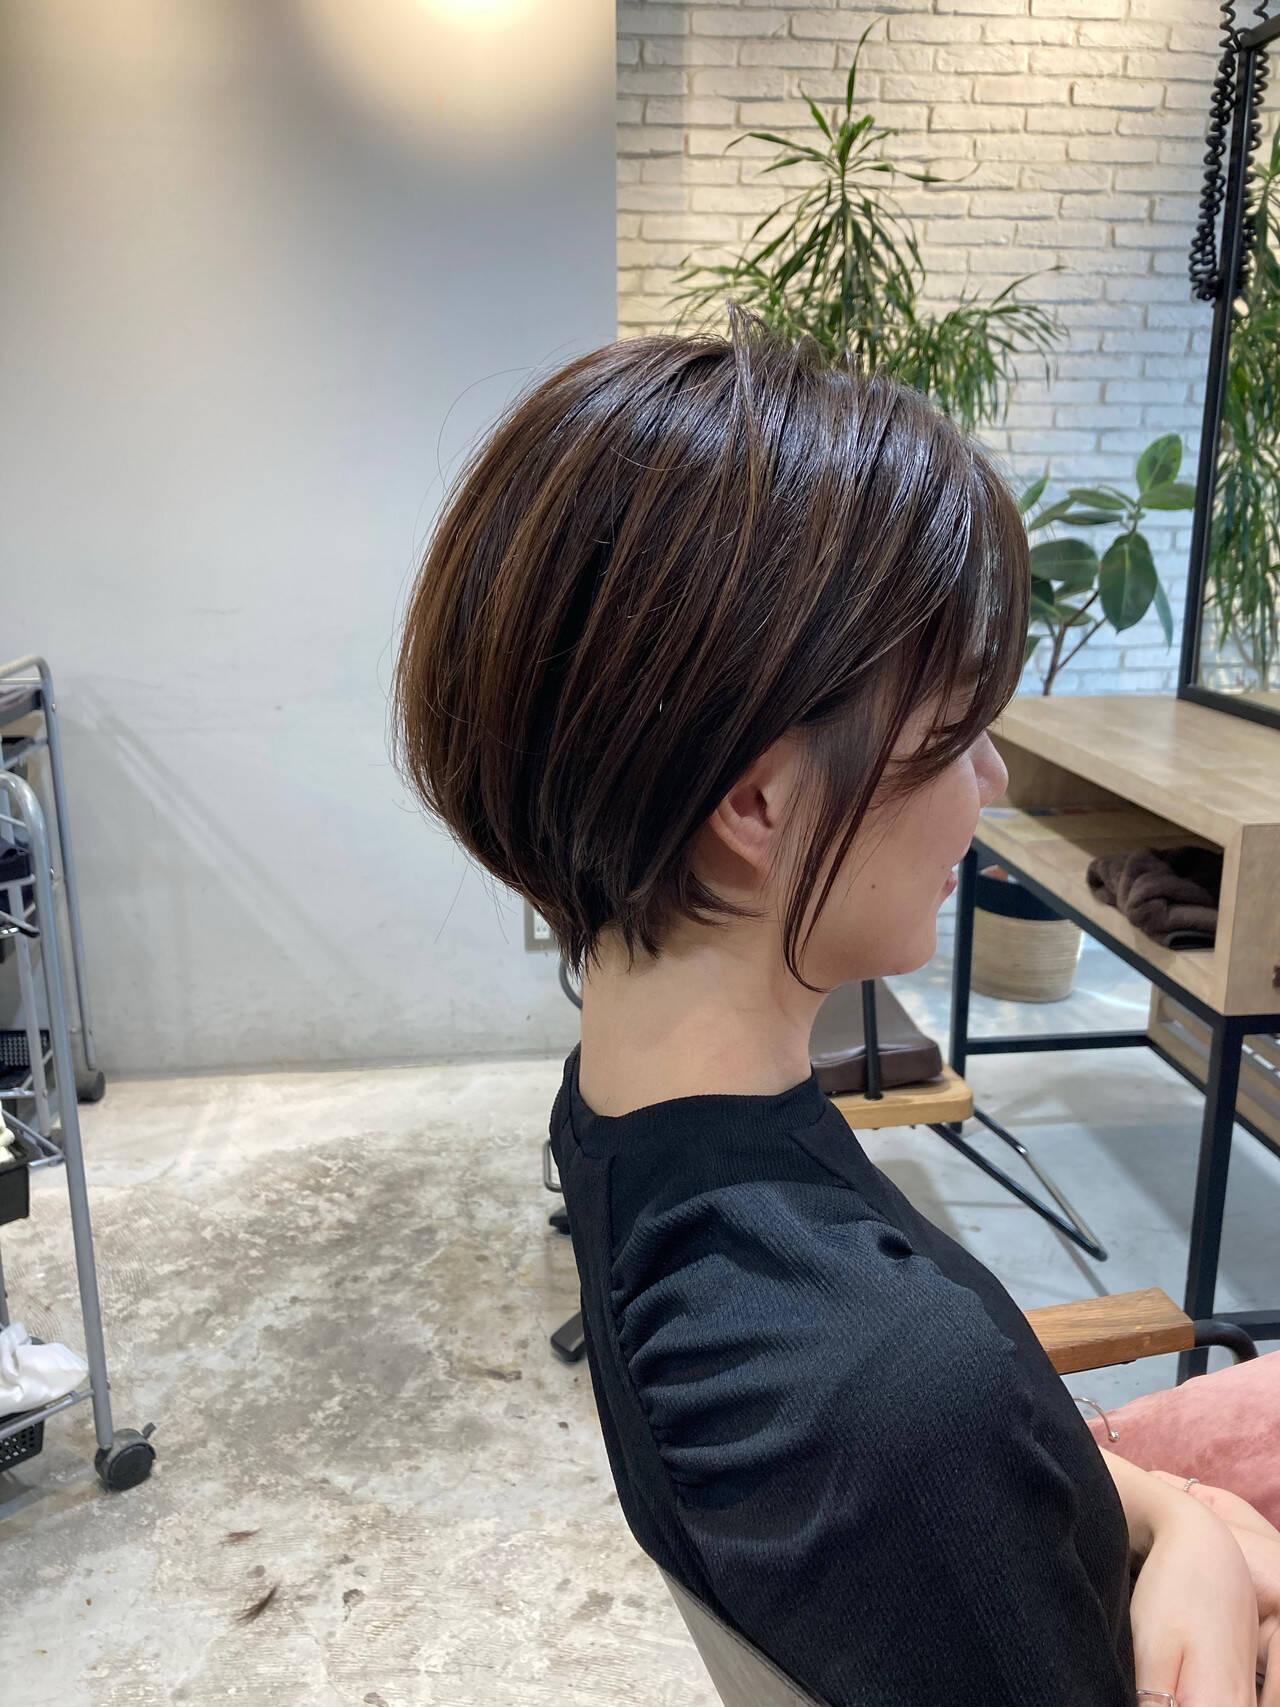 レイヤースタイル 鎖骨ミディアム メンズヘア ウルフカットヘアスタイルや髪型の写真・画像